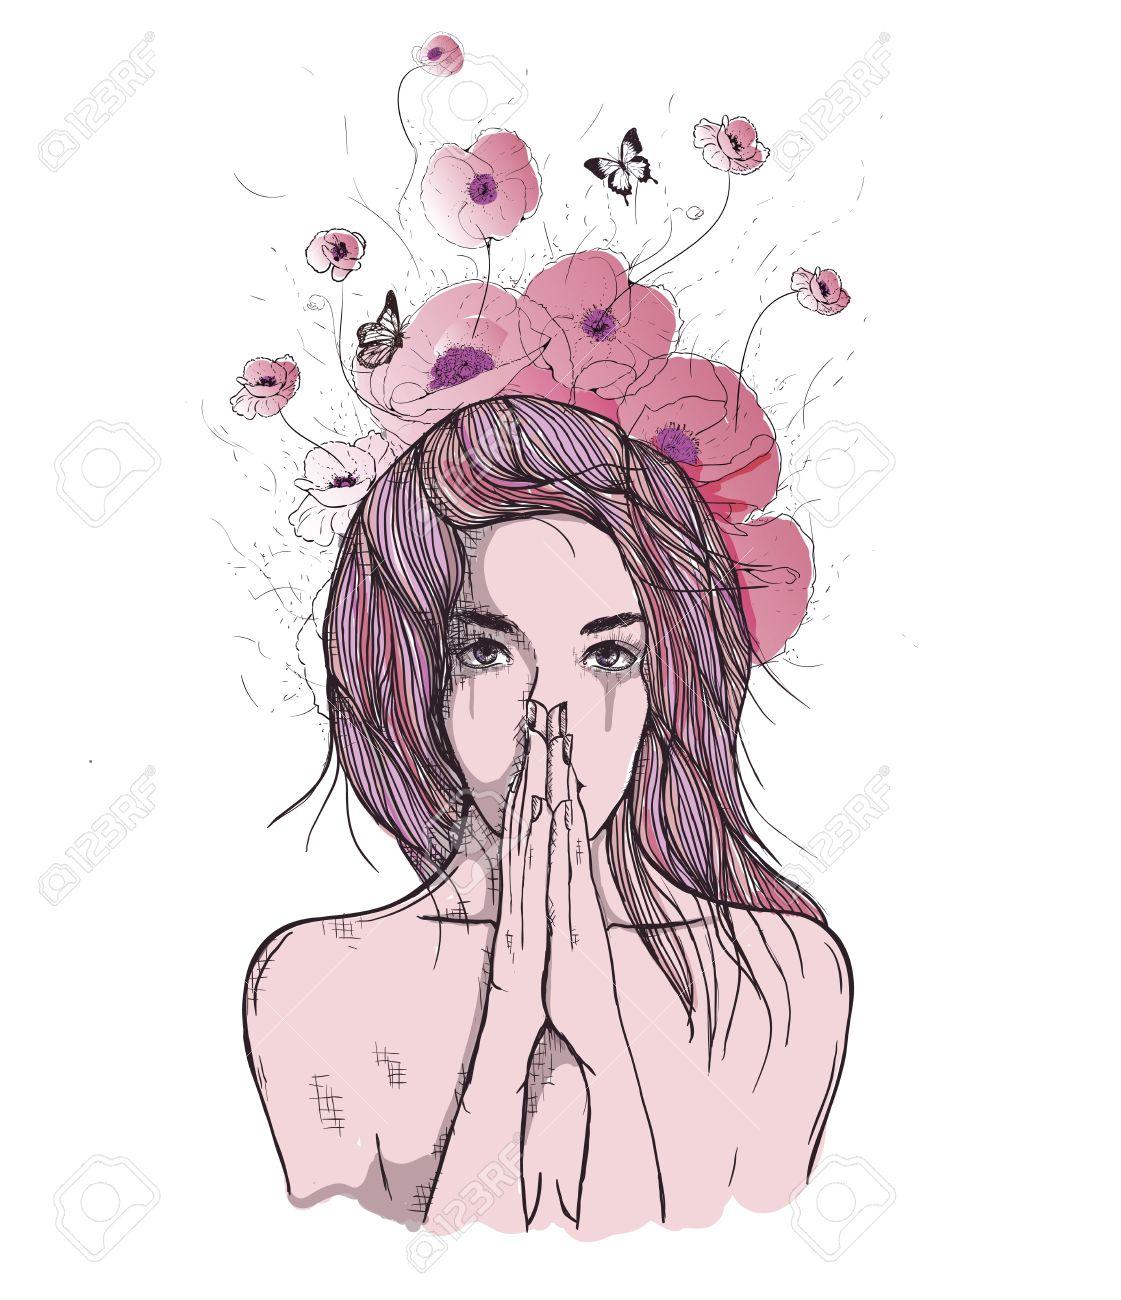 Vector Art Dessin Portrait Triste Et Déprimé Fille Penser à Quelque Chose Les Expressions Faciales Les Gens émotions Romantique Et Tendre Jeune